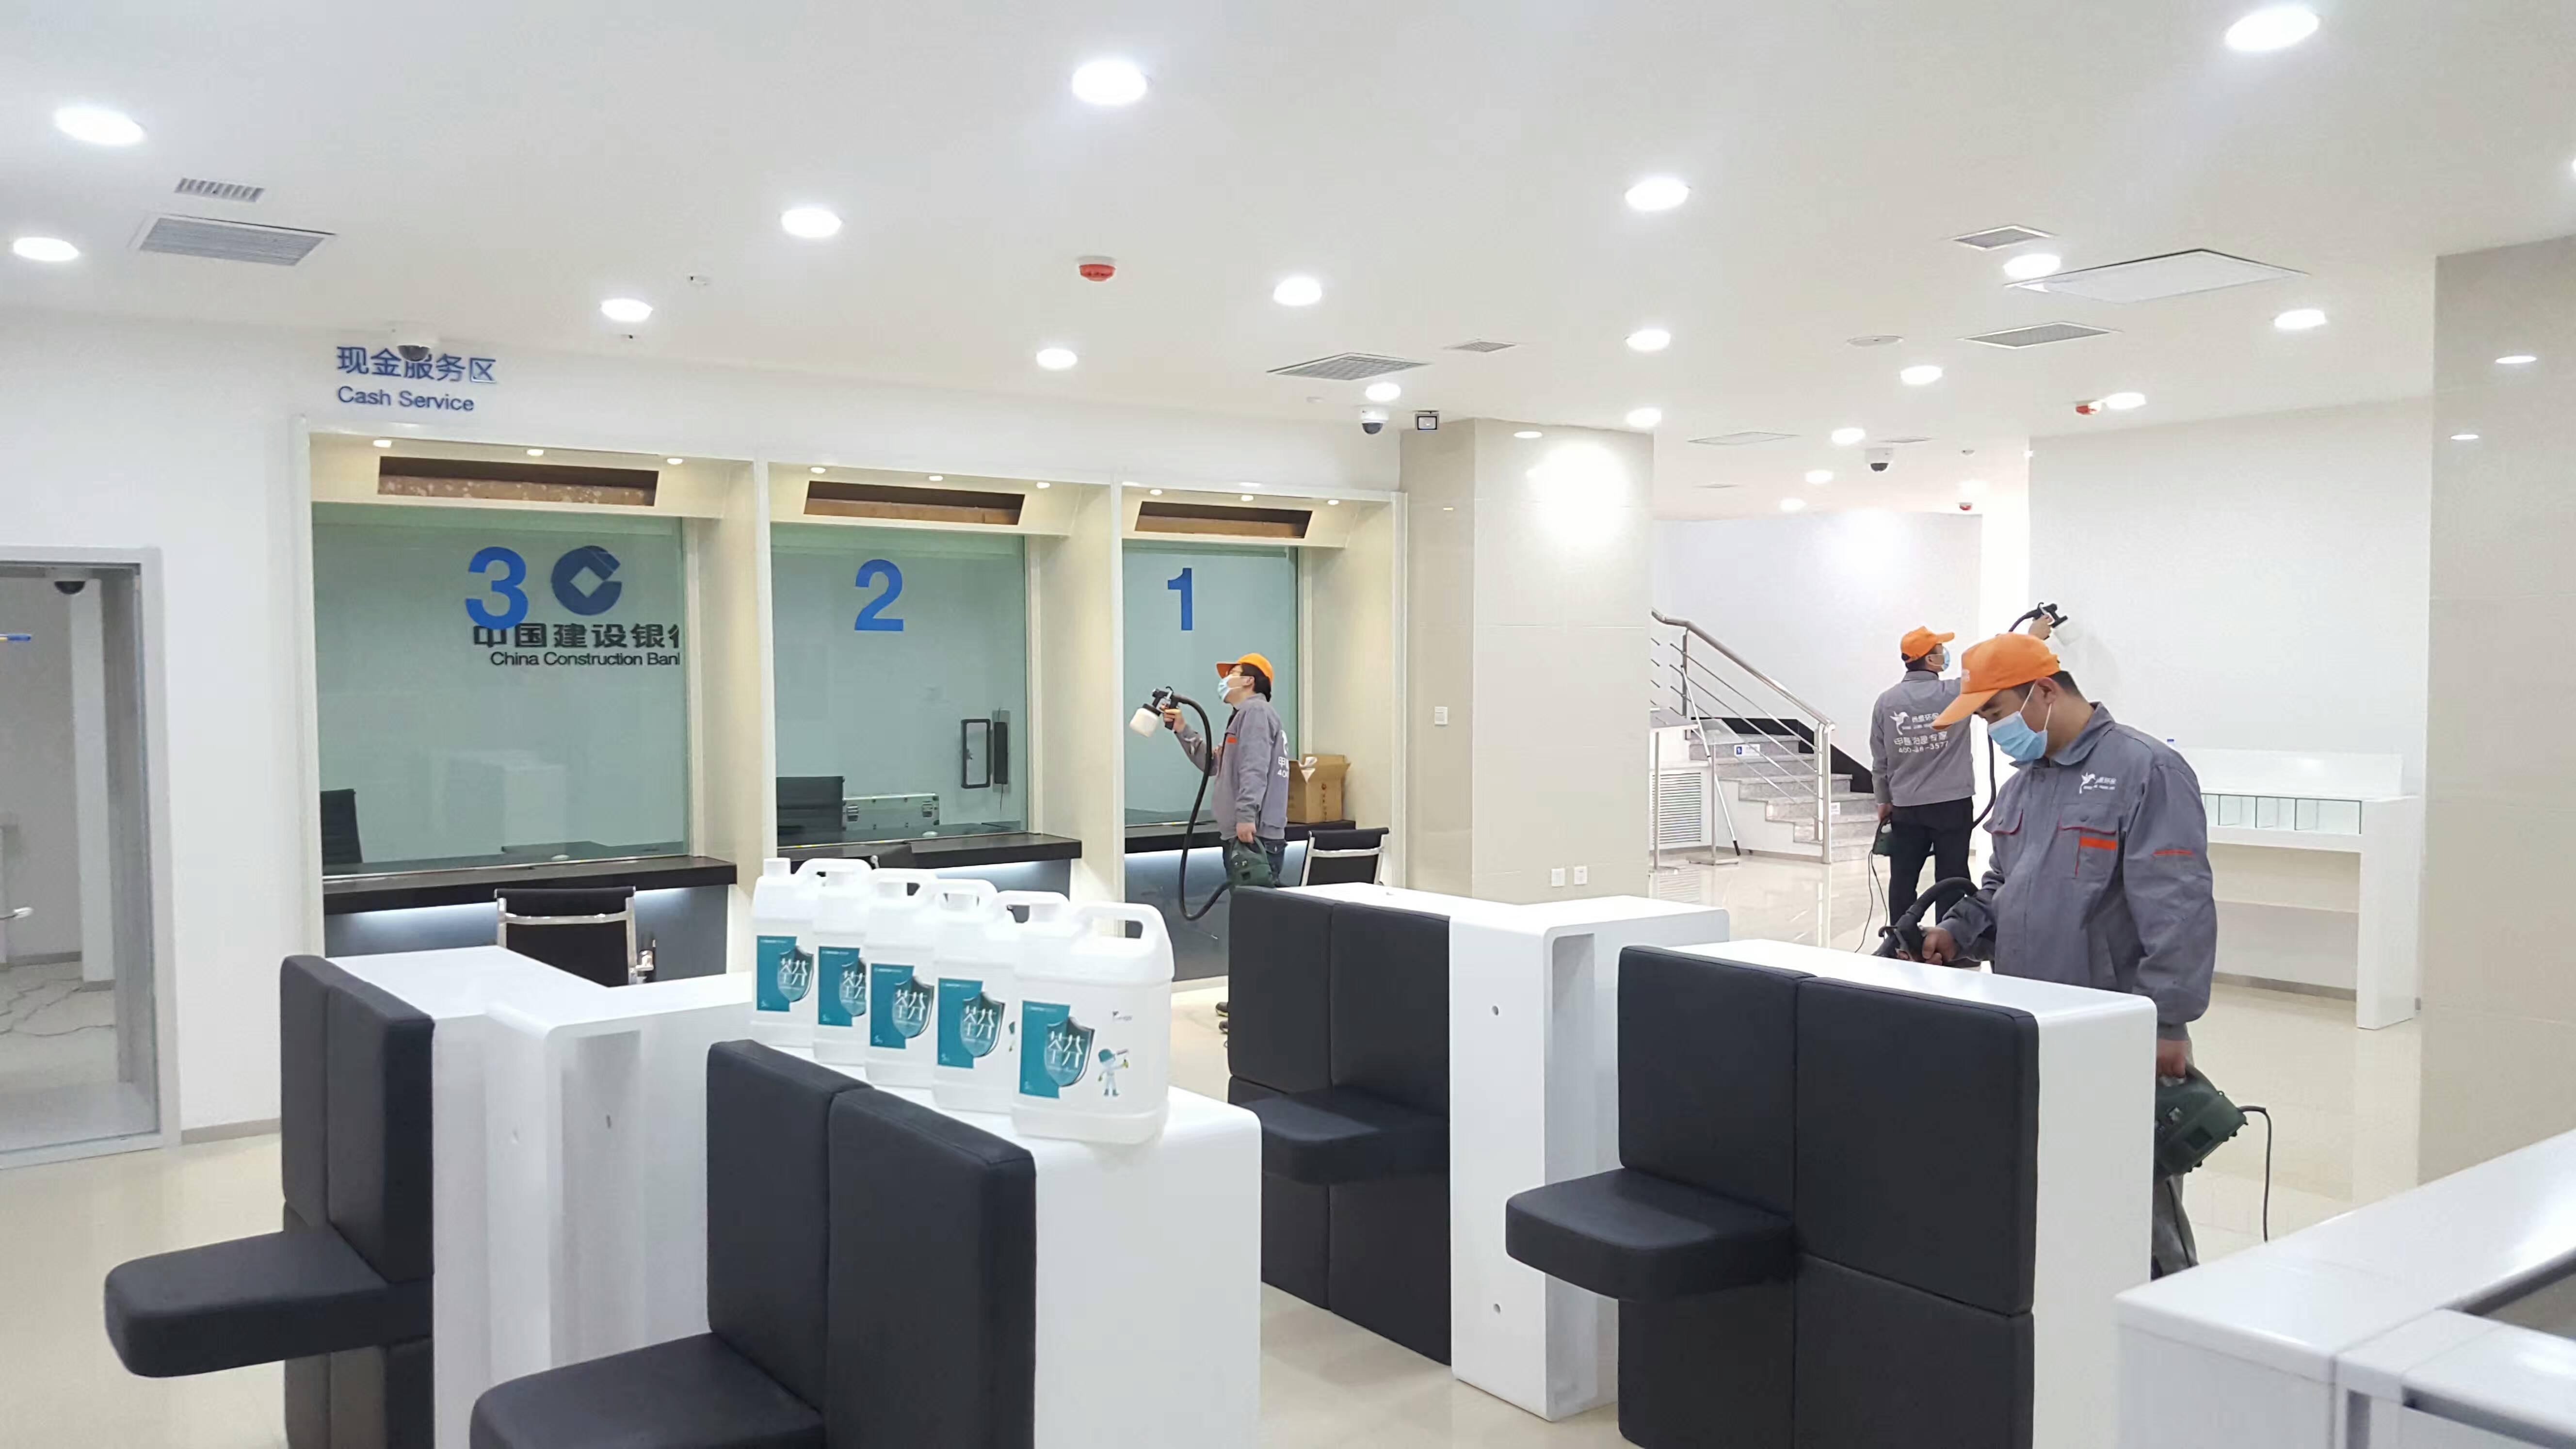 中国建设银行黄河支行柜台施工